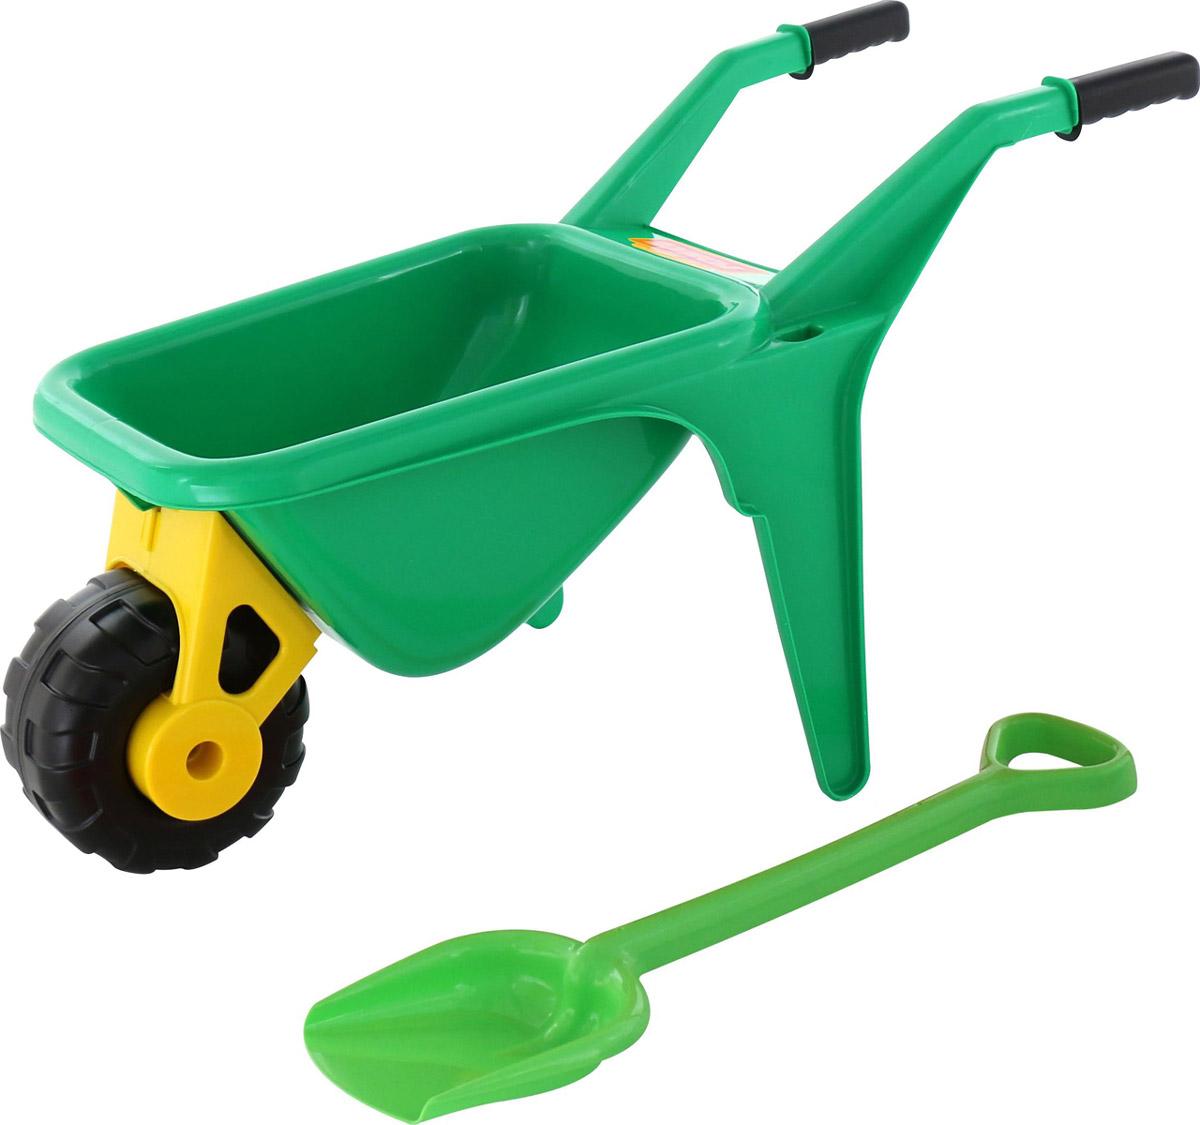 Полесье Набор игрушек для песочницы Тачка Садовод с лопатой цвет зеленый игрушки для зимы полесье набор для песочницы 565